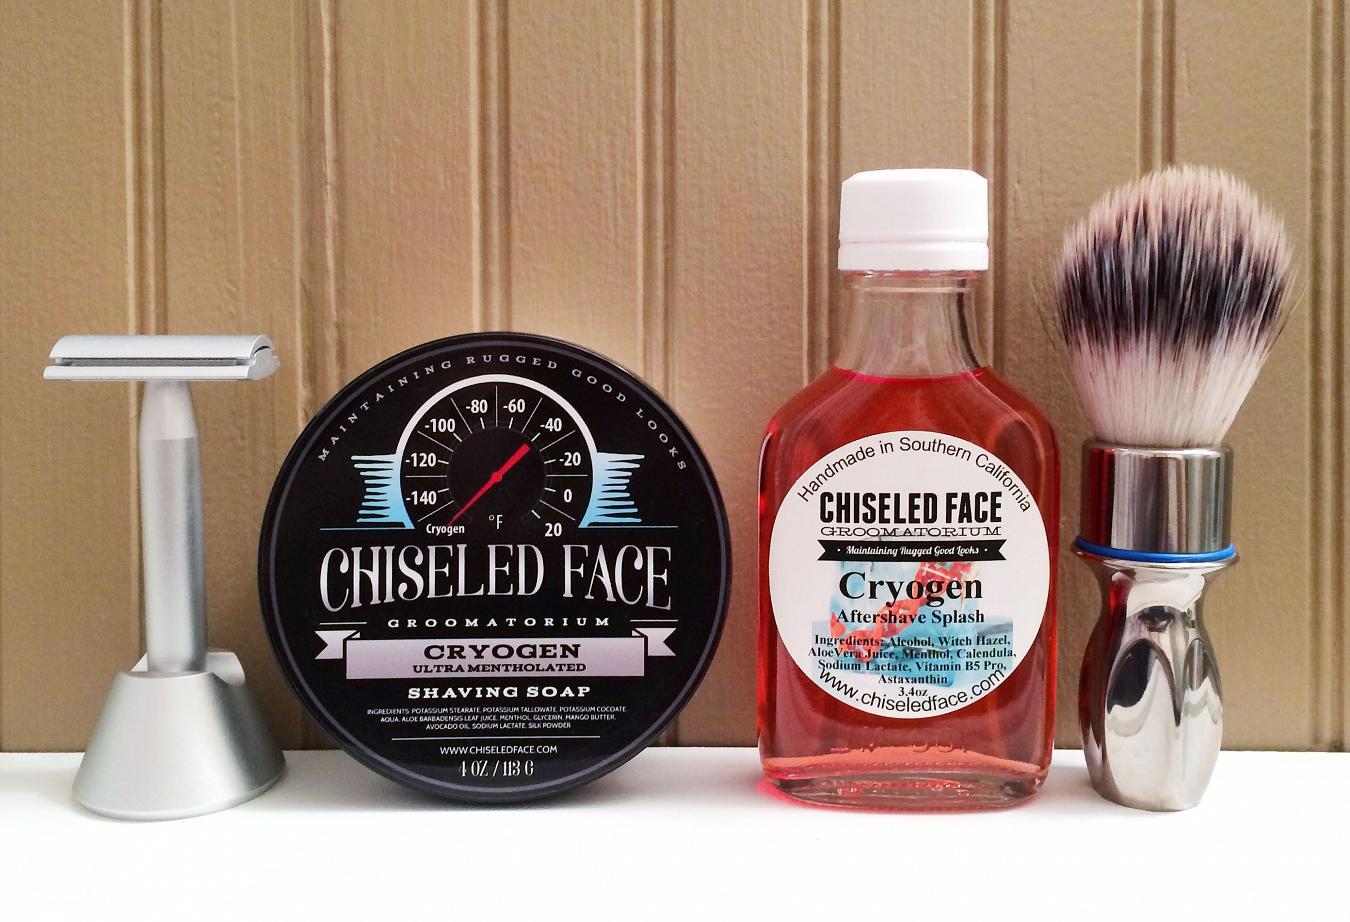 Chiseled Face